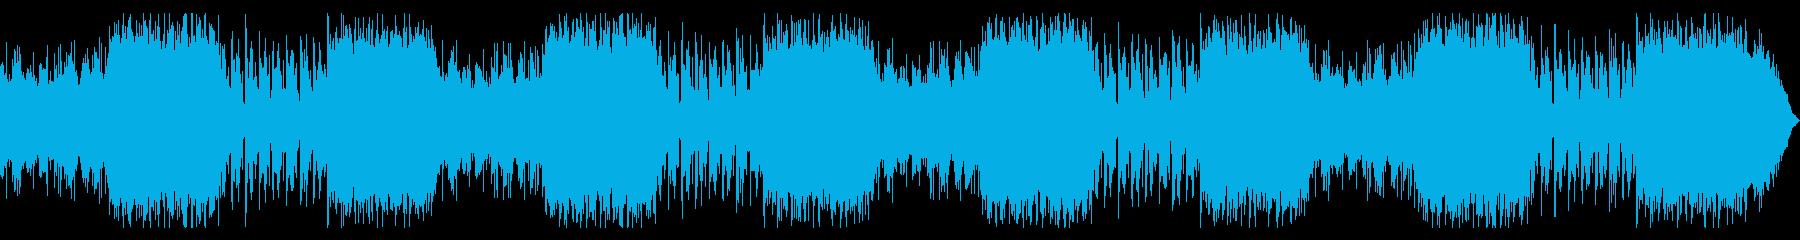 ゆったりとした美しいピアノテクスチャーの再生済みの波形